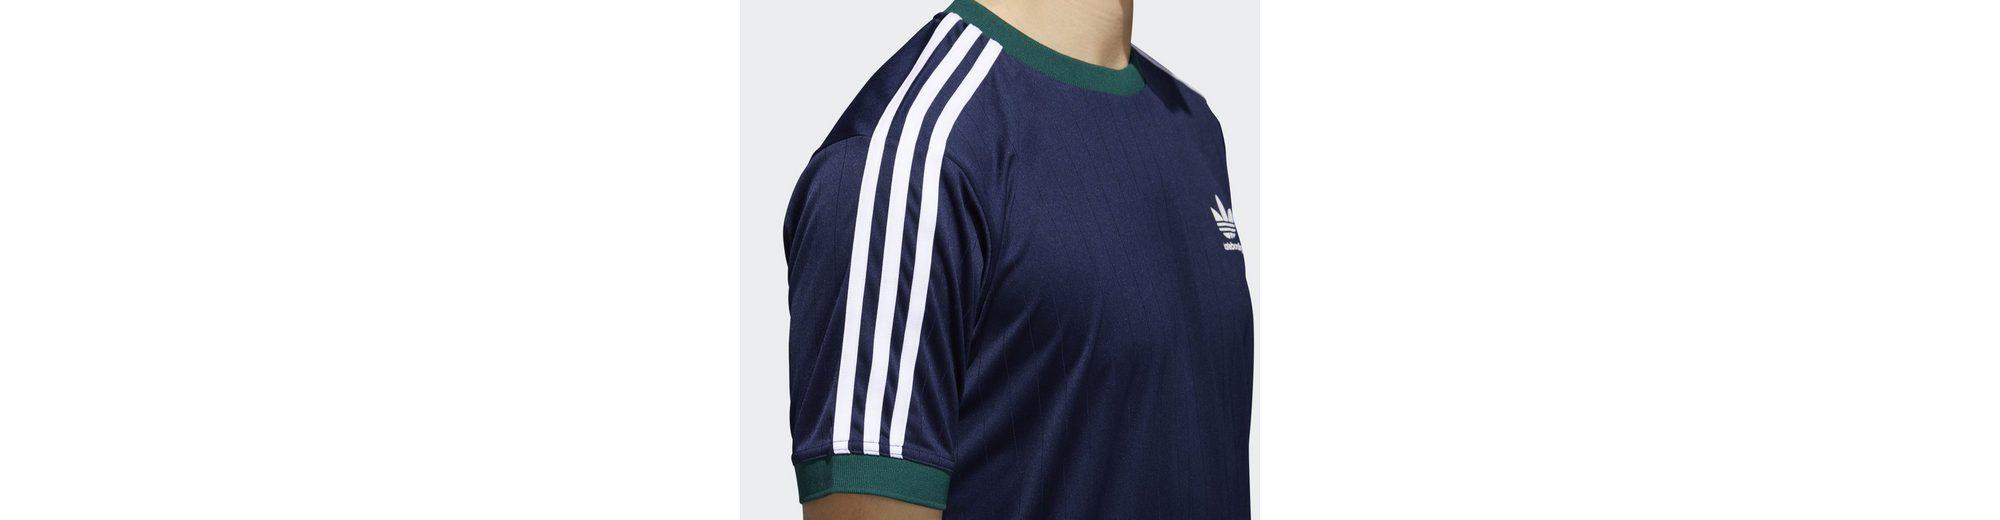 adidas Originals T-Shirt Clima Club Shirt Auslauf Günstige Online Preiswerter Preis Fabrikverkauf Kostengünstig Billig Finden Große jfDmOxi